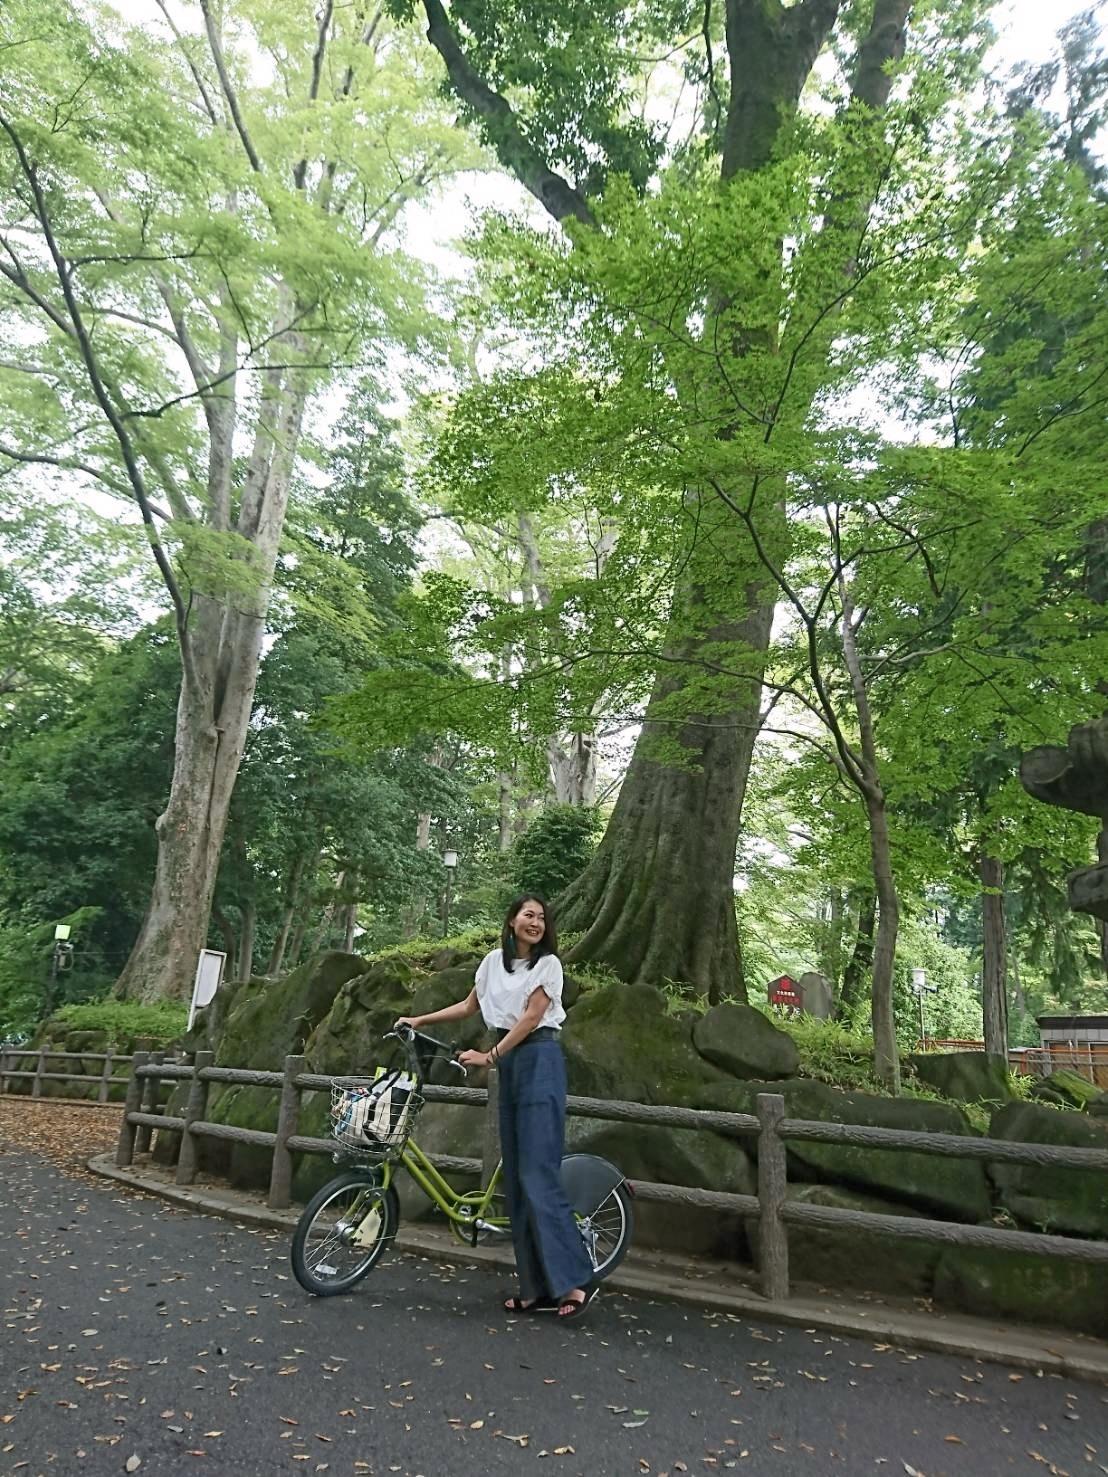 夏の涼をガーリーに楽しむ小江戸トリップ!_1_1-2